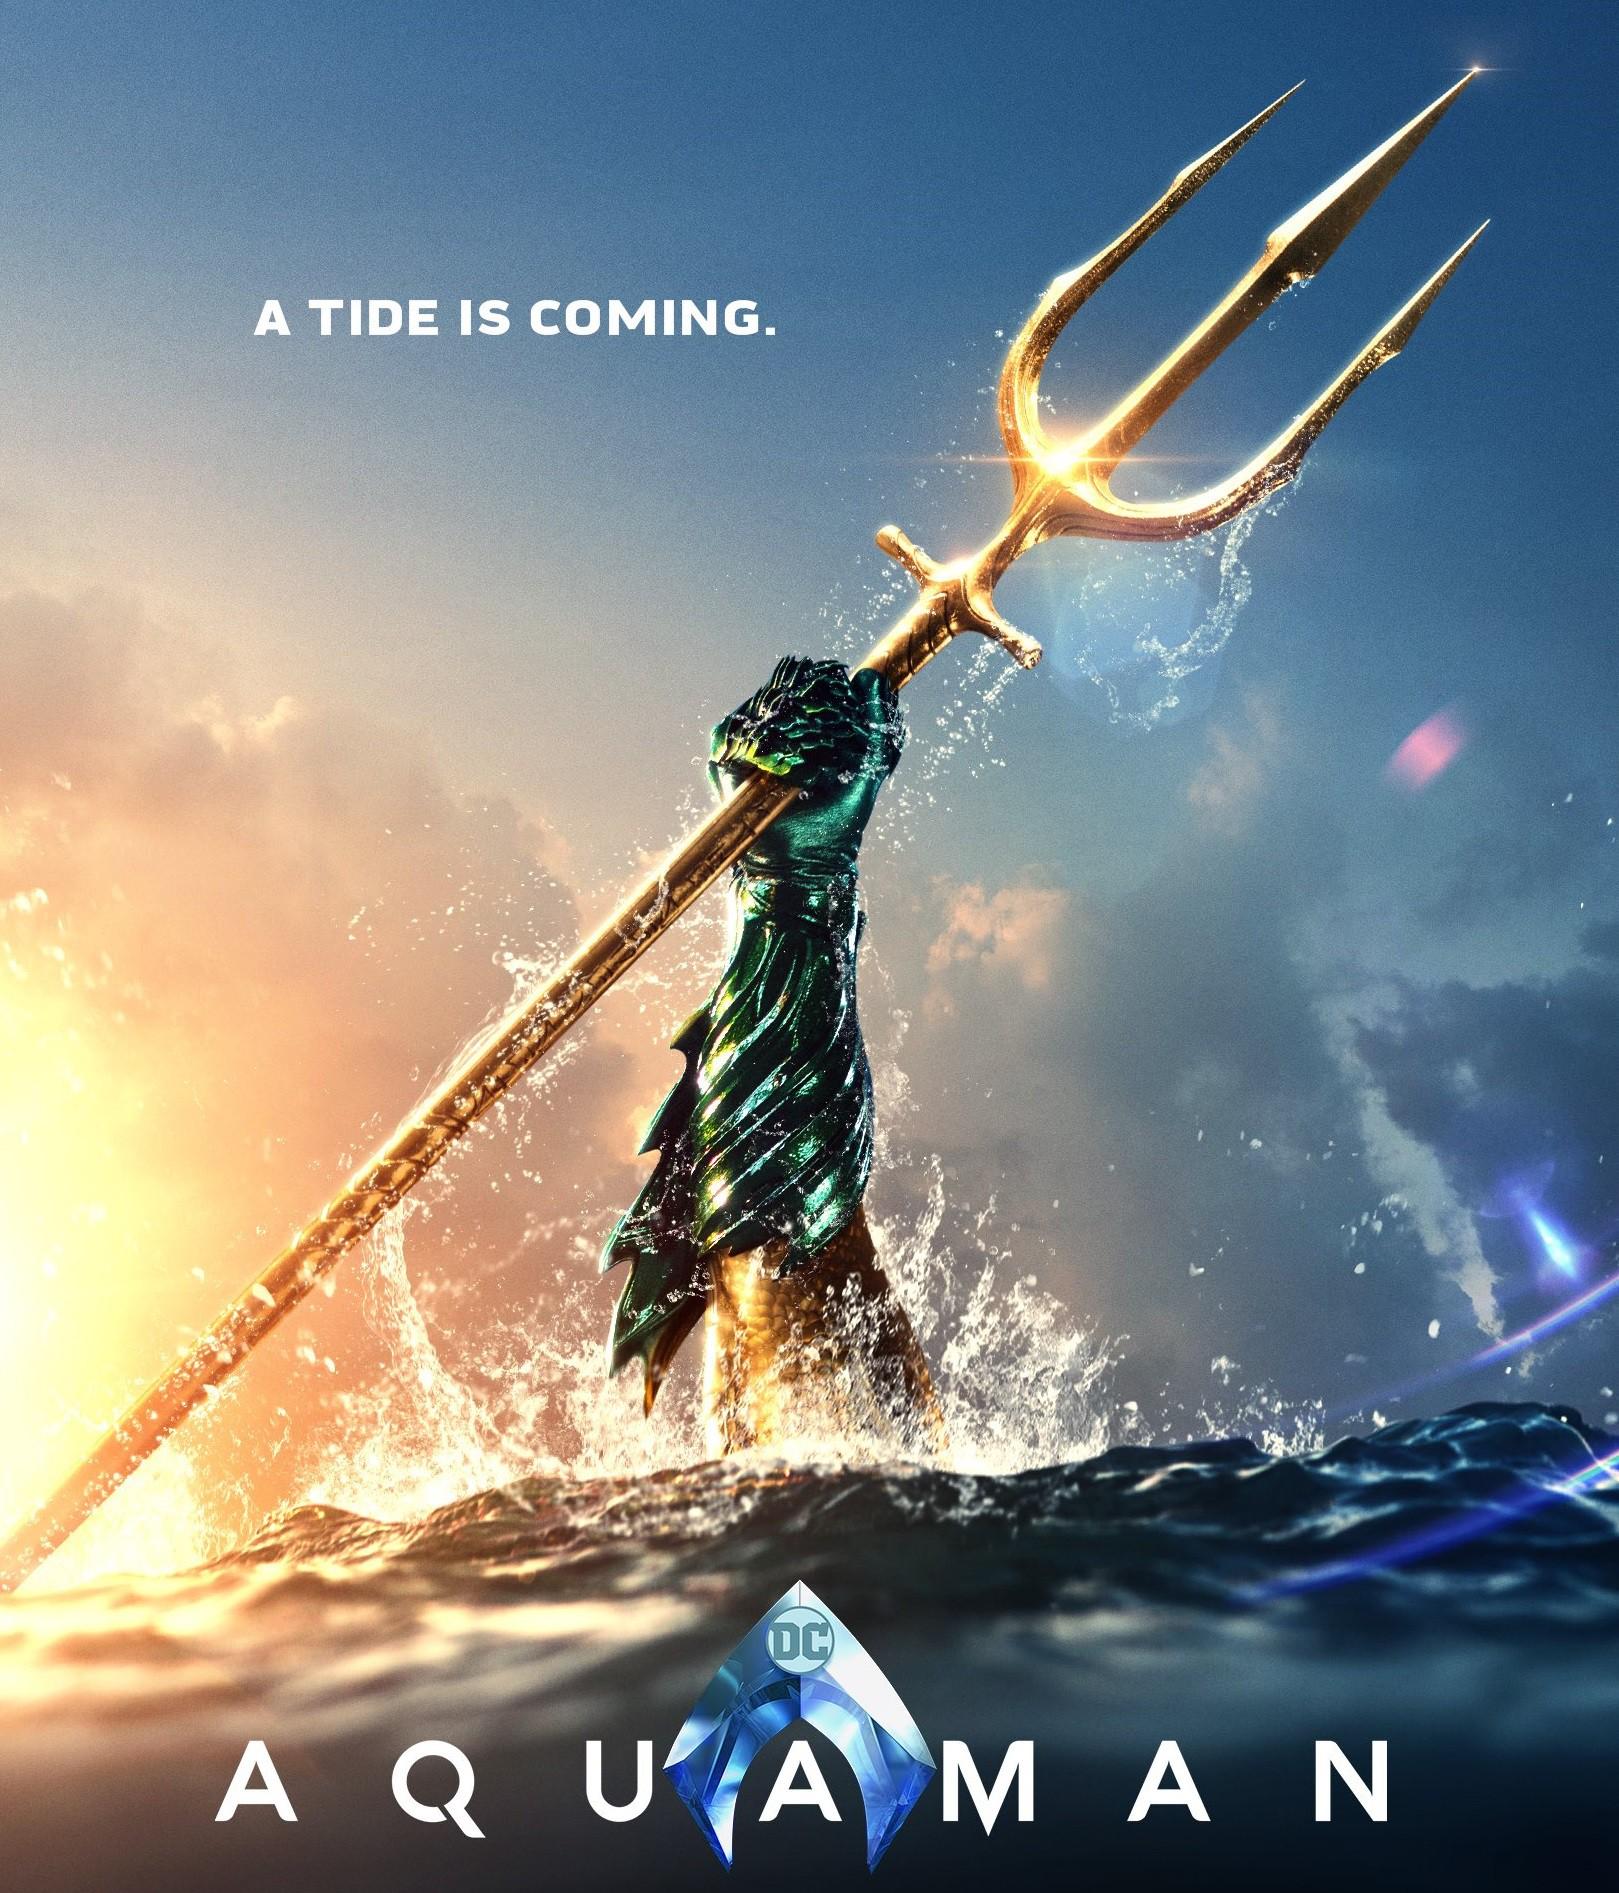 Thất Hải Chi Vương Aquaman: Hành trình từ chàng thanh niên bị coi thường tới Bá chủ biển cả - Ảnh 20.